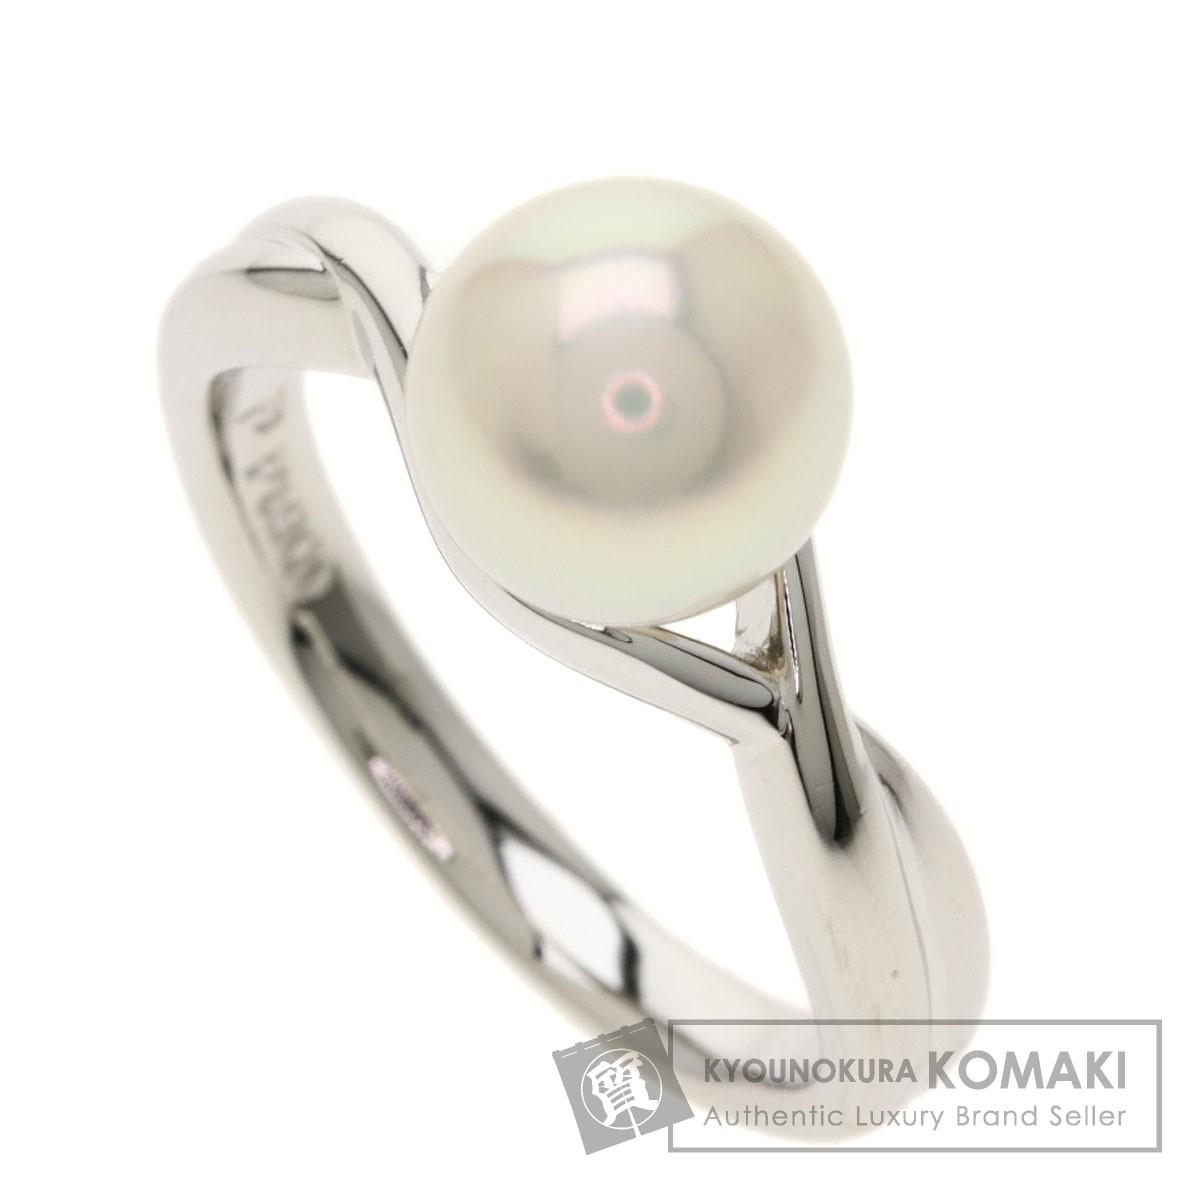 ポーラ パール 真珠 リング・指輪 プラチナPT900 レディース 【中古】【POLA】